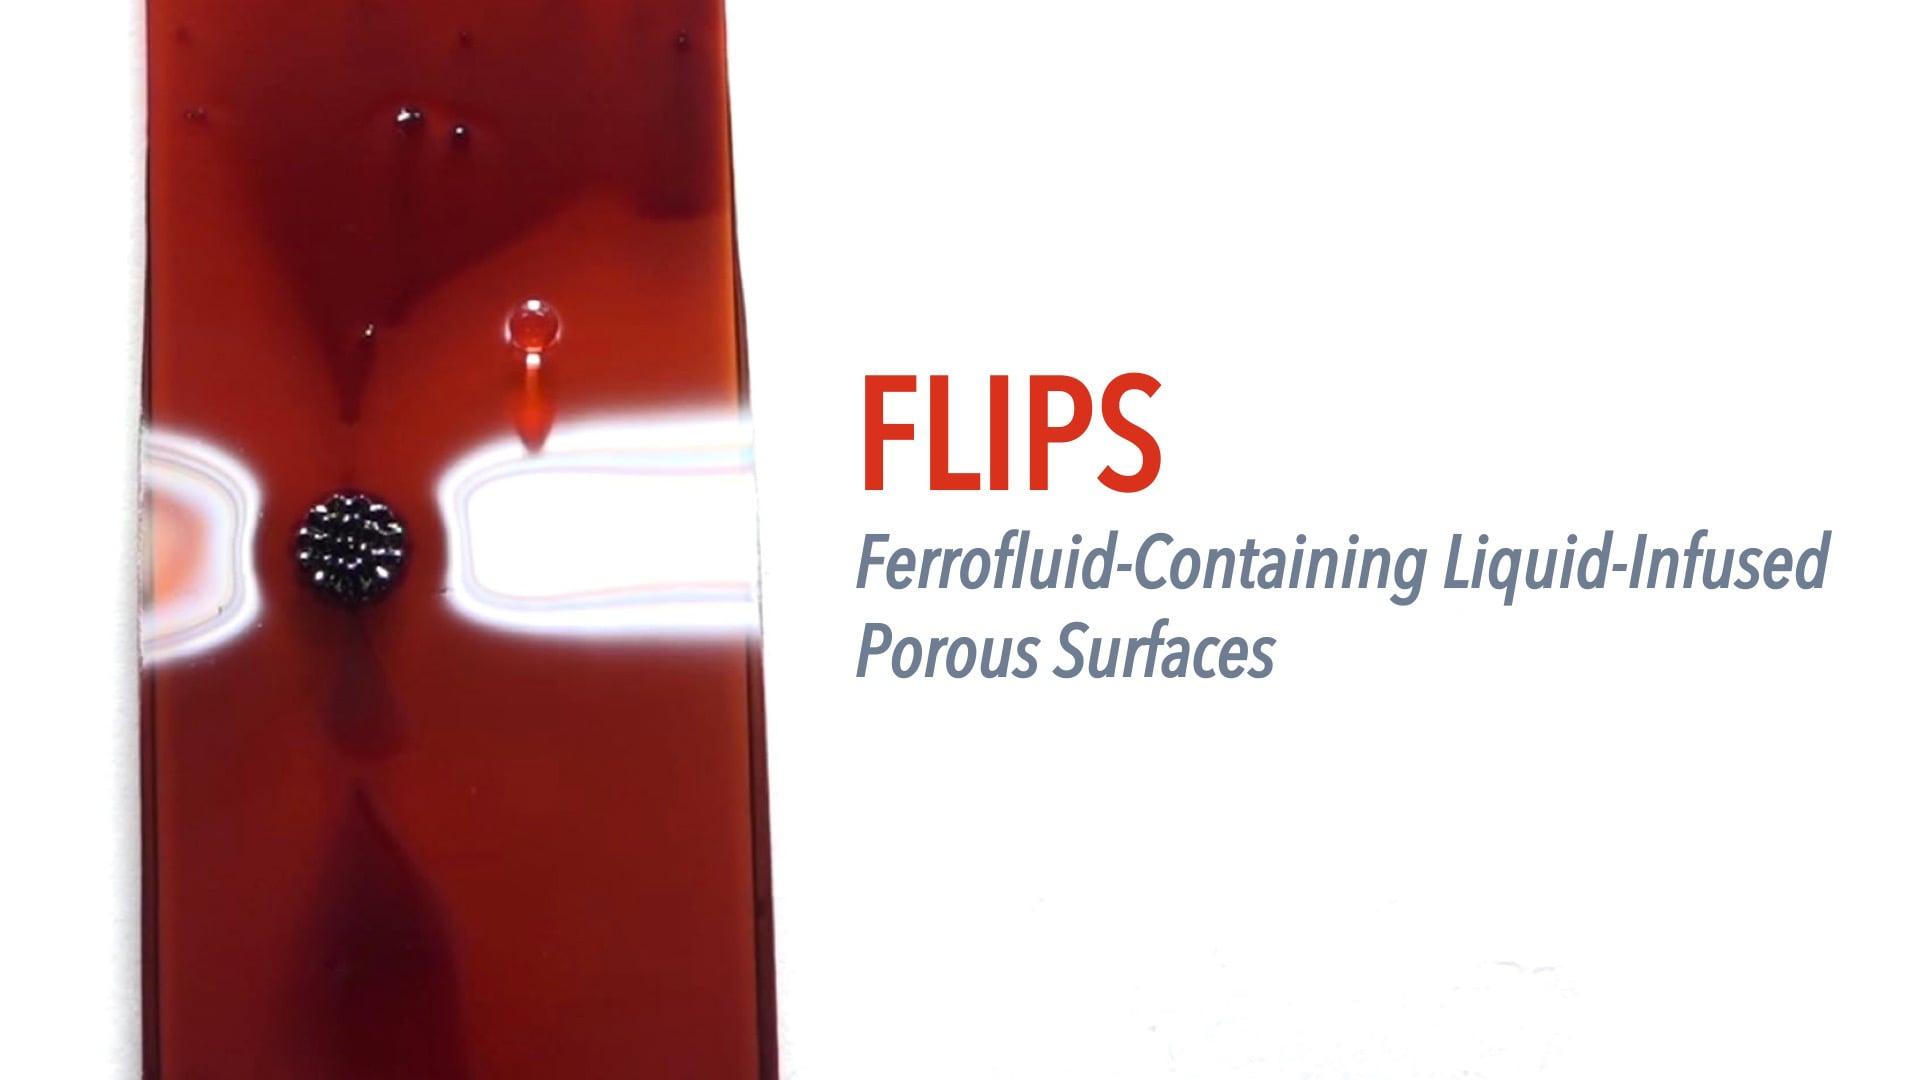 FLIPS: Ferrofluid-Containing Liquid-Infused Porous Surfaces